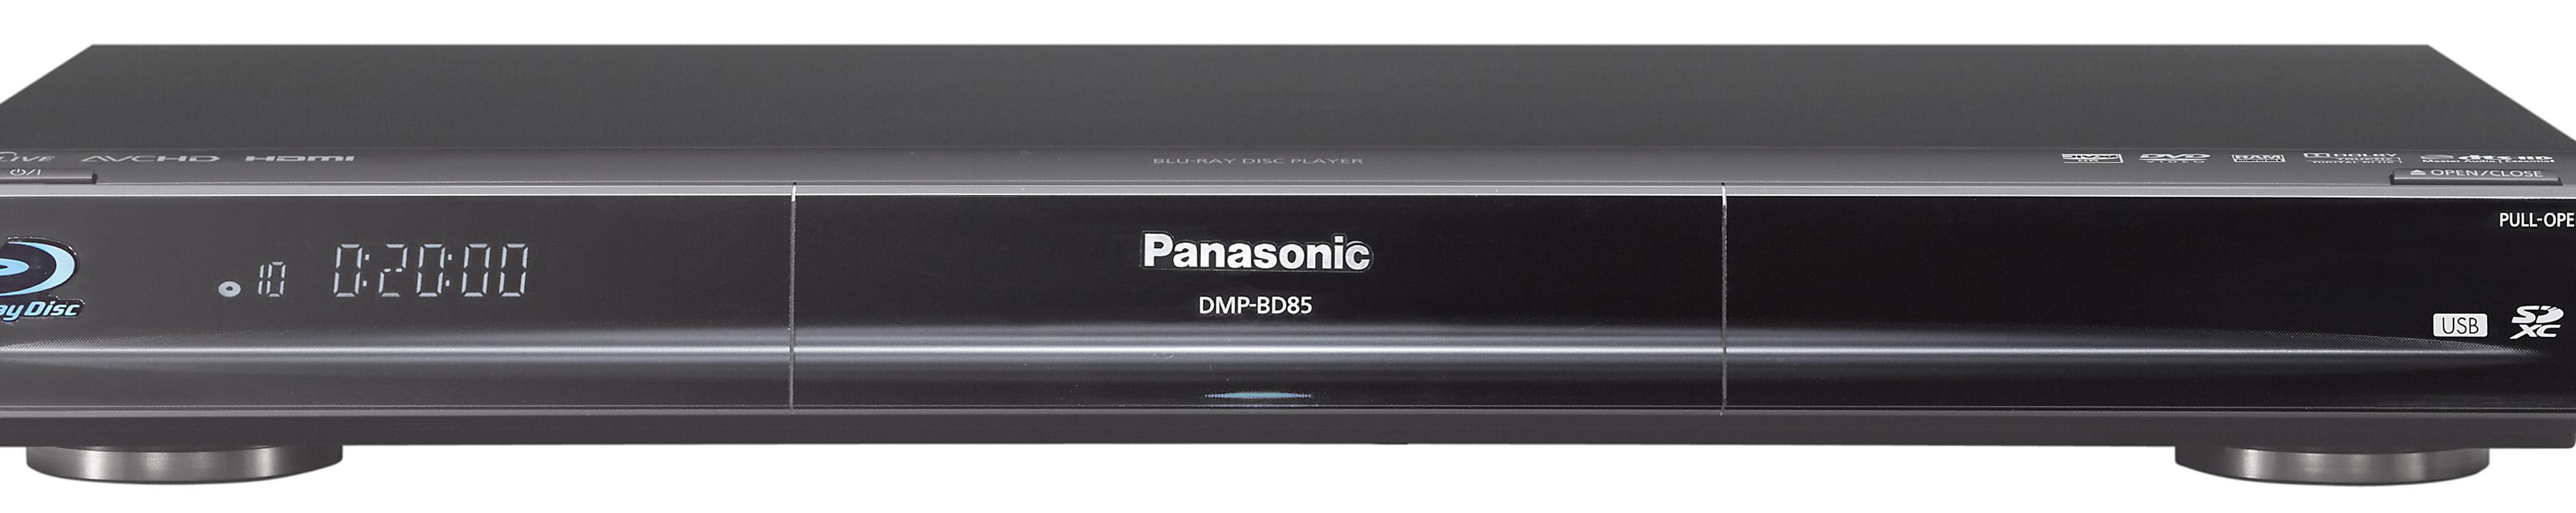 Panasonic oppgraderer